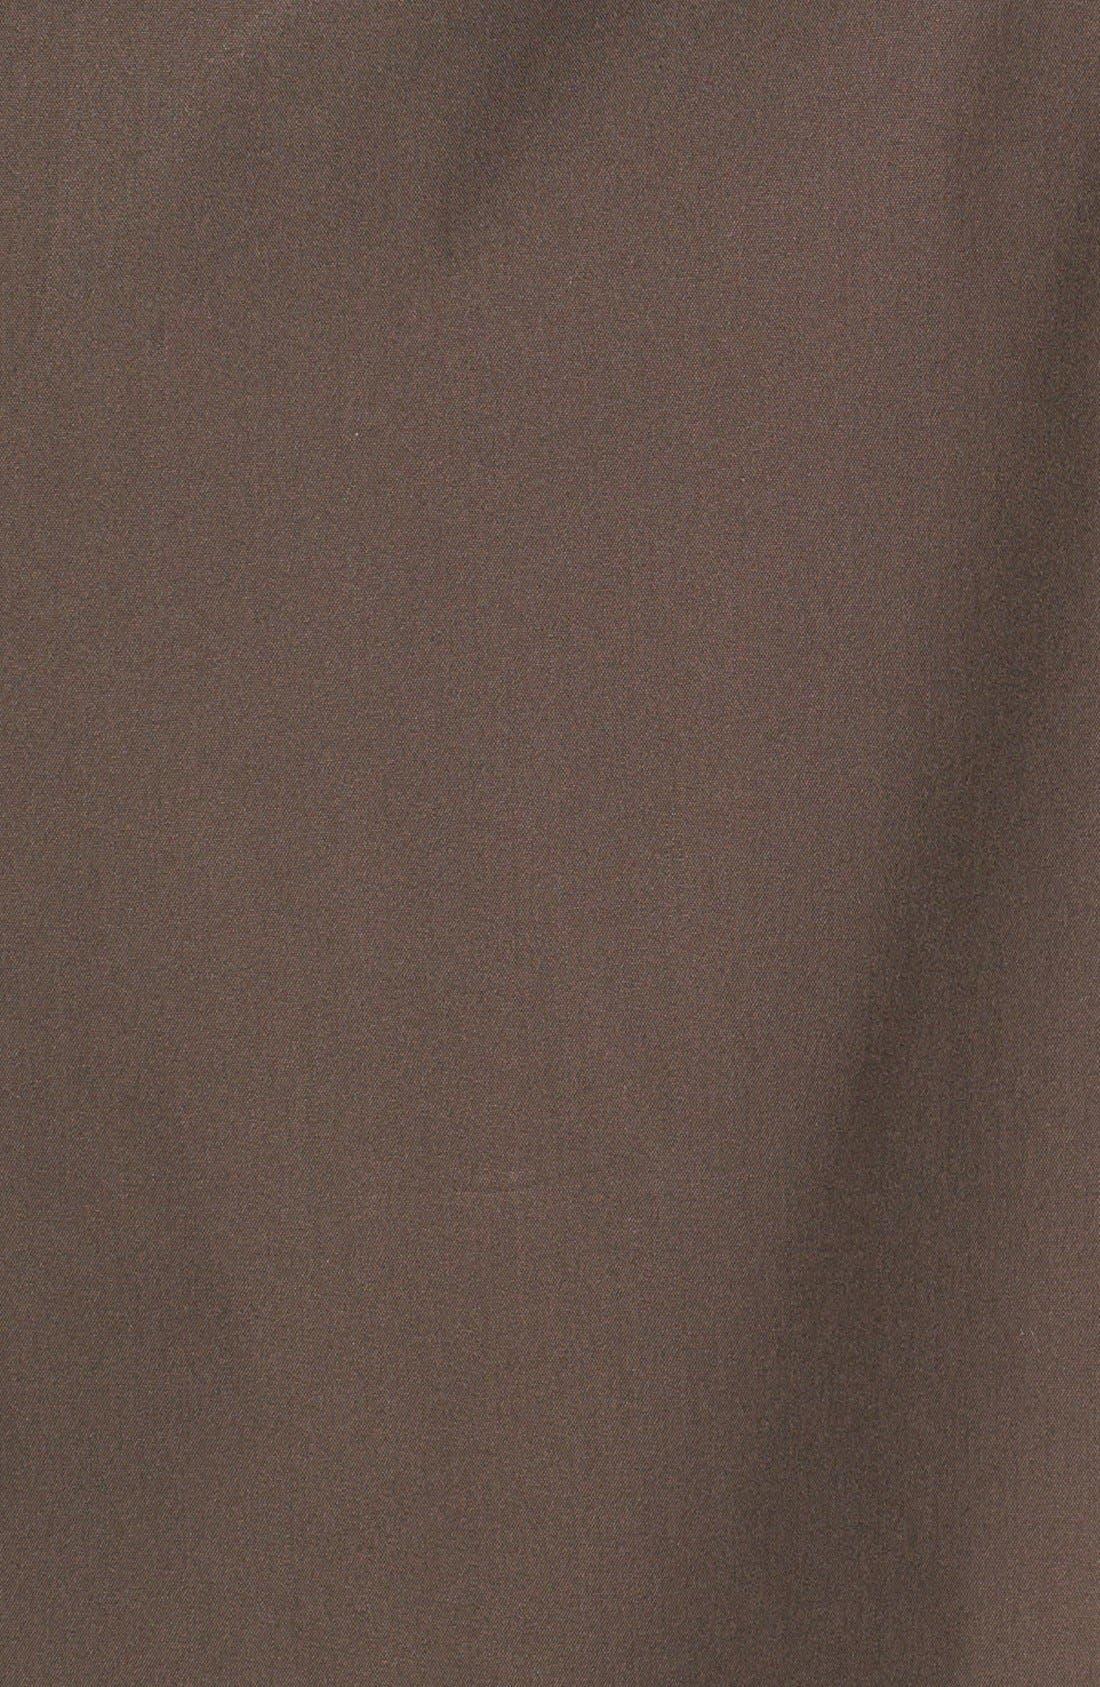 Alternate Image 3  - BOSS HUGO BOSS 'Mirko' Regular Fit Sport Shirt